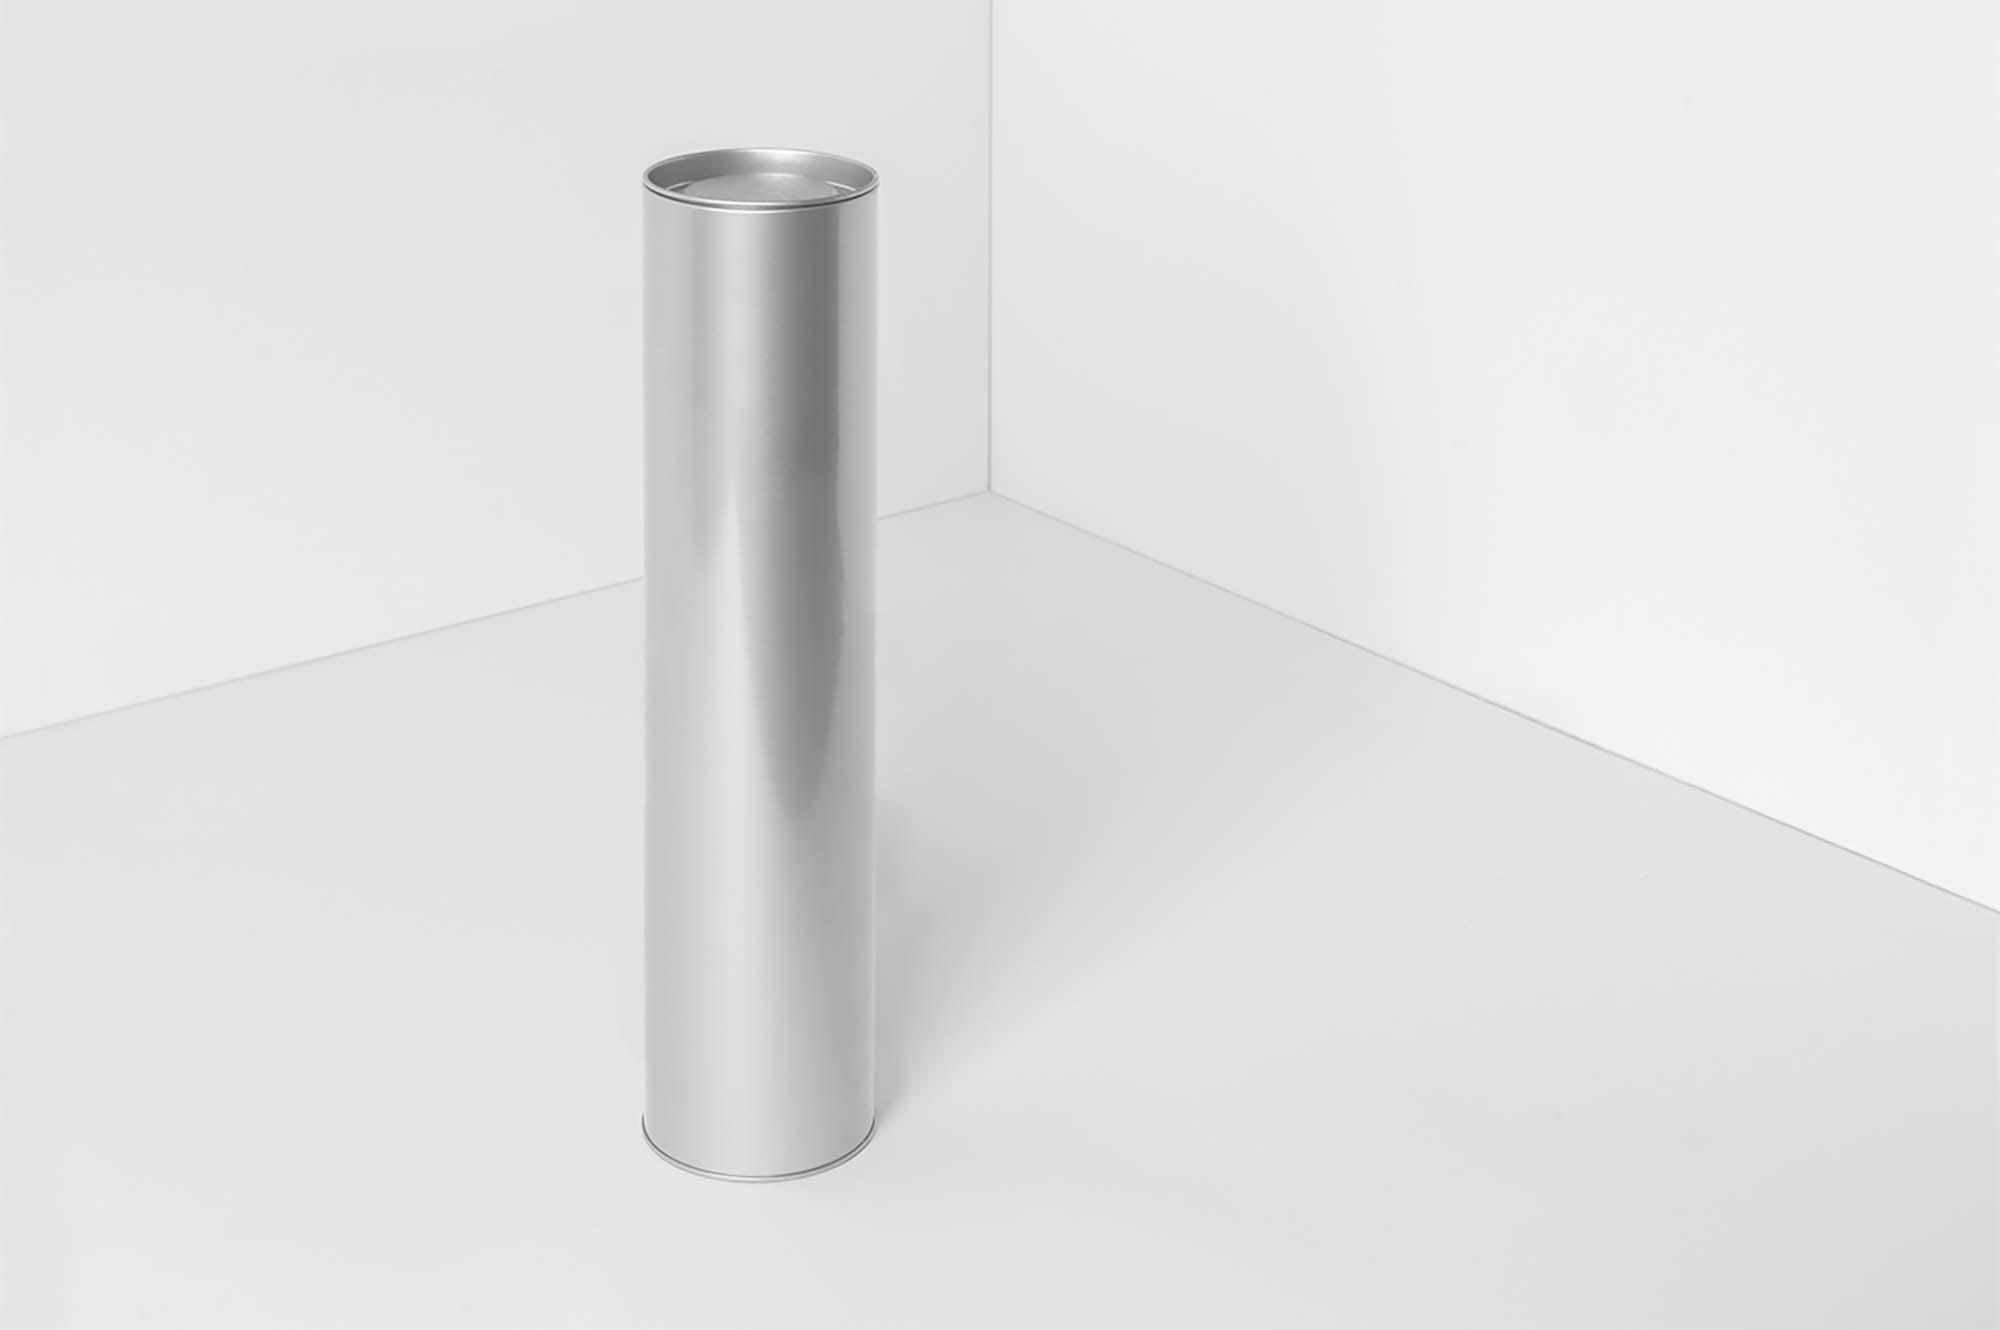 Tube Packaging Mockup 2